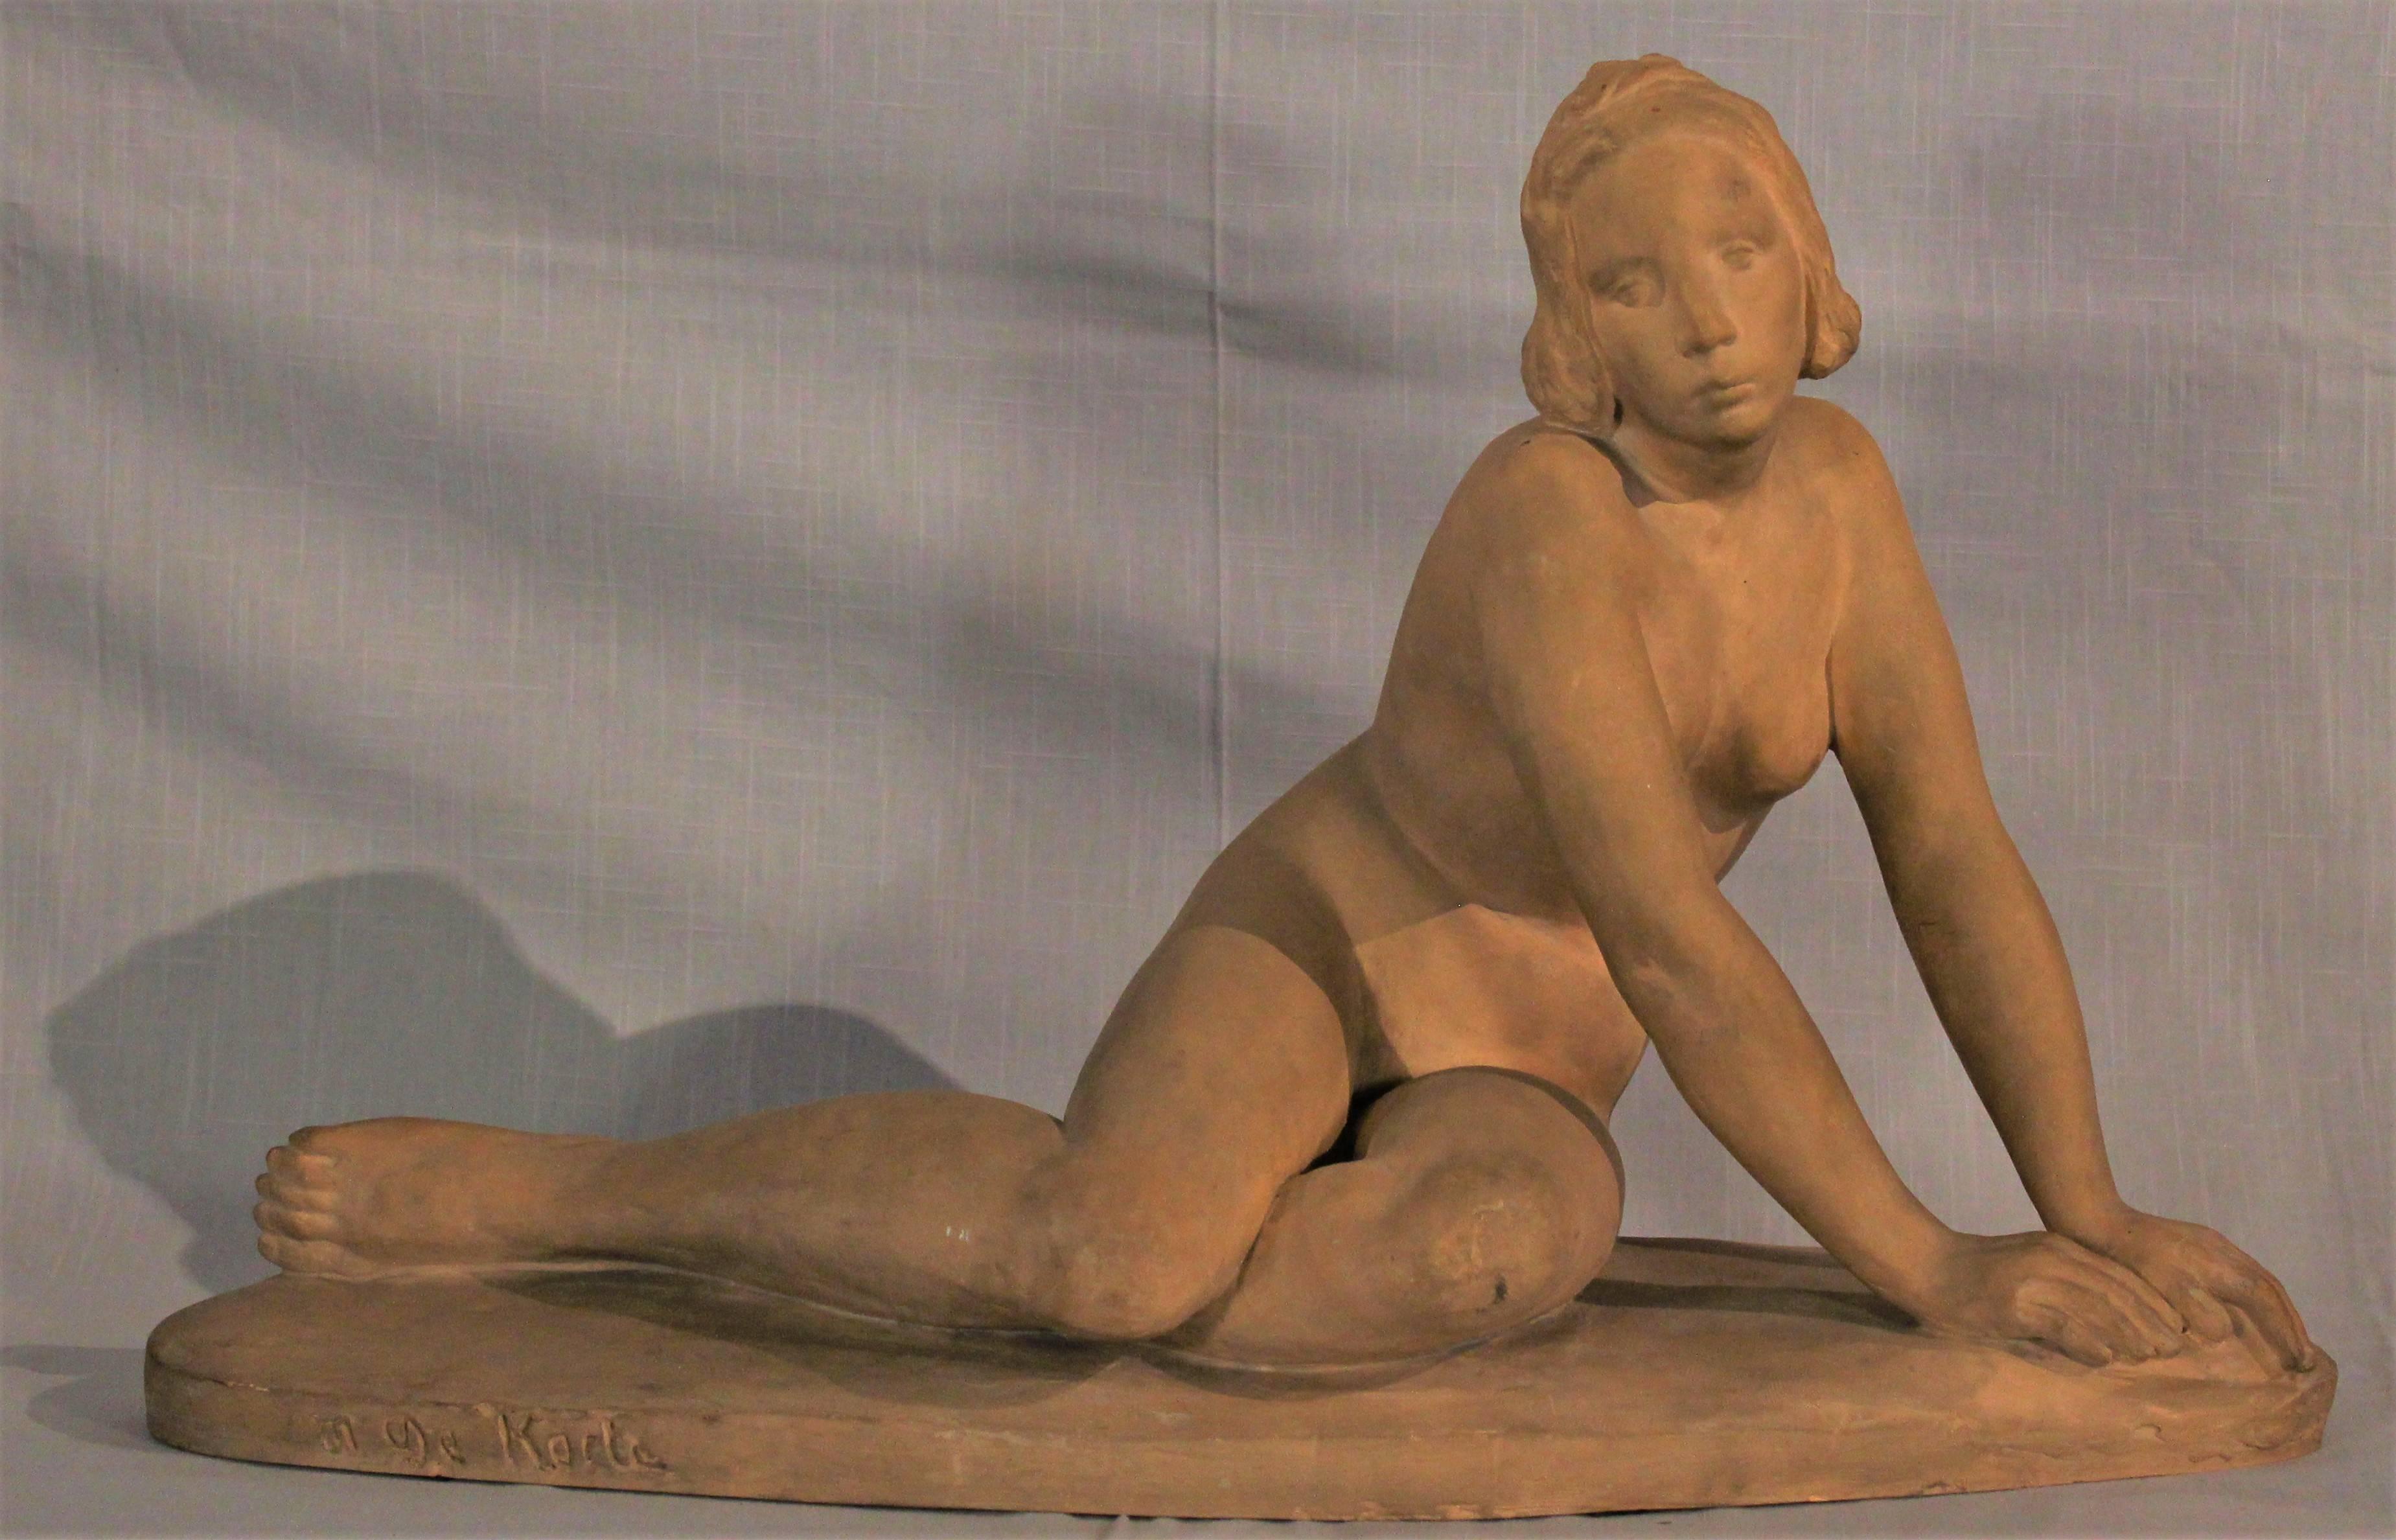 Sculpture de Maurice De Korte